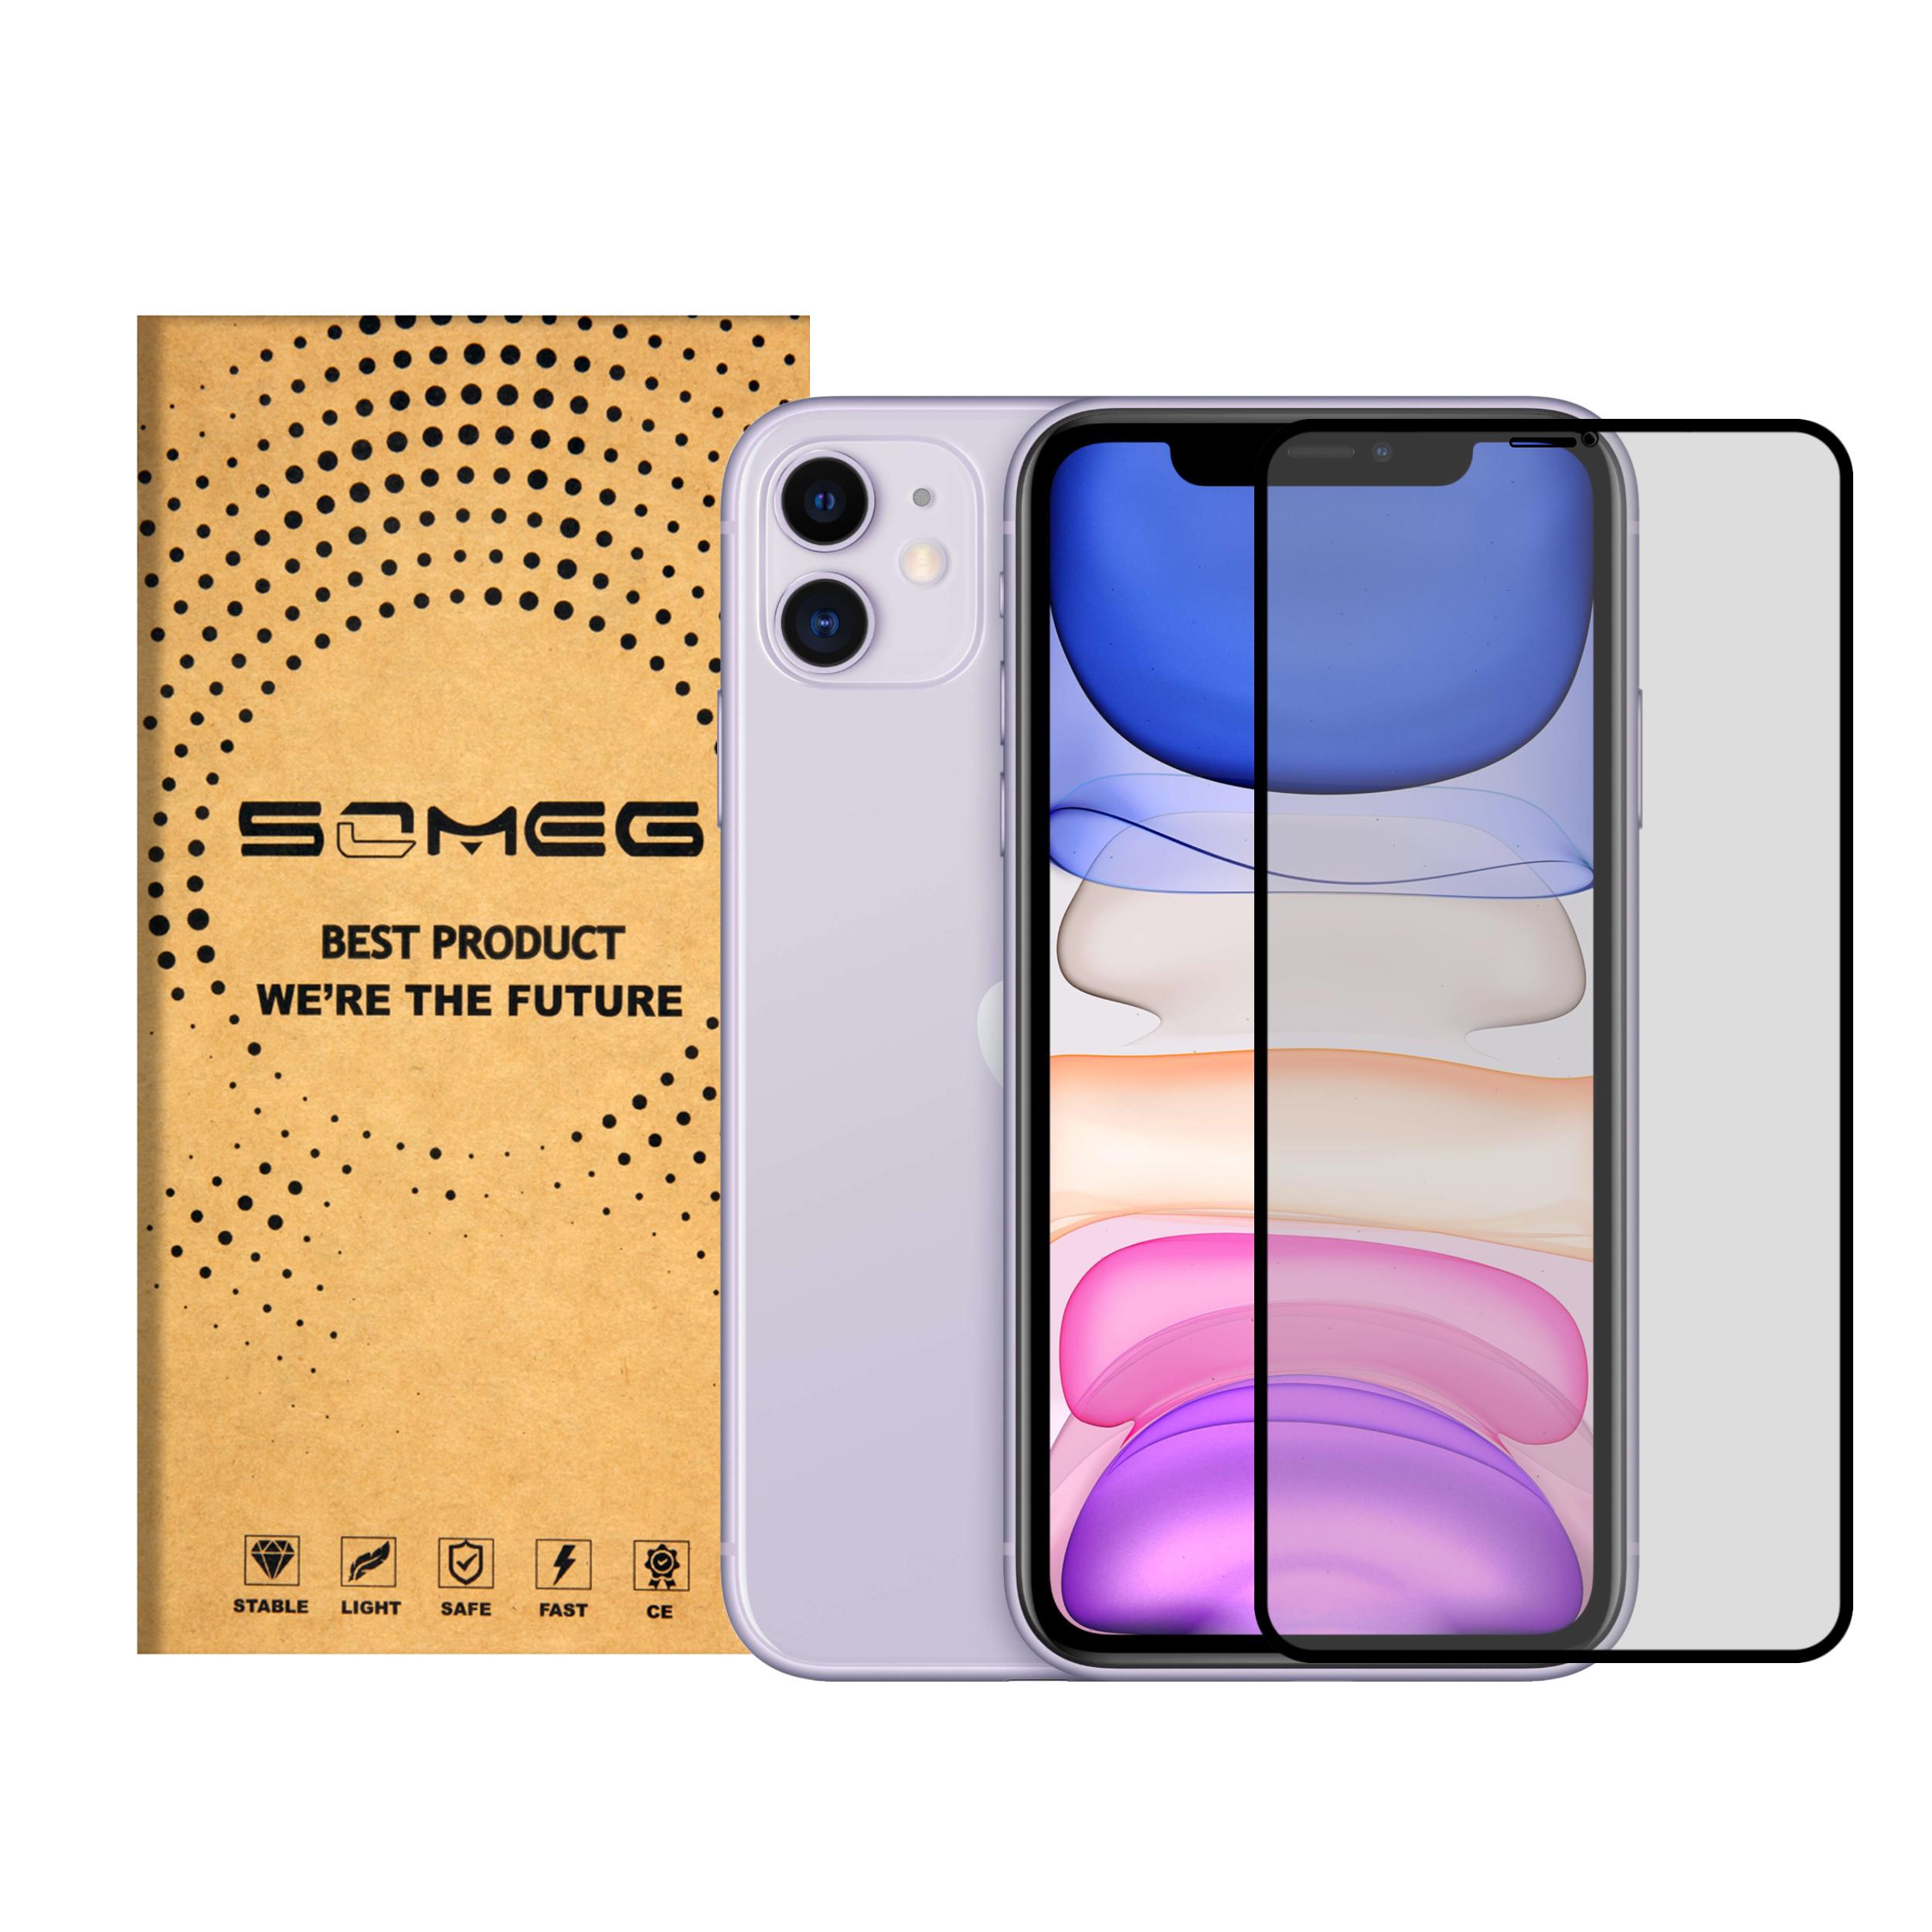 محافظ صفحه نمایش مات سومگ مدل SMG_Dusk مناسب گوشی موبایل اپل iPhone 11